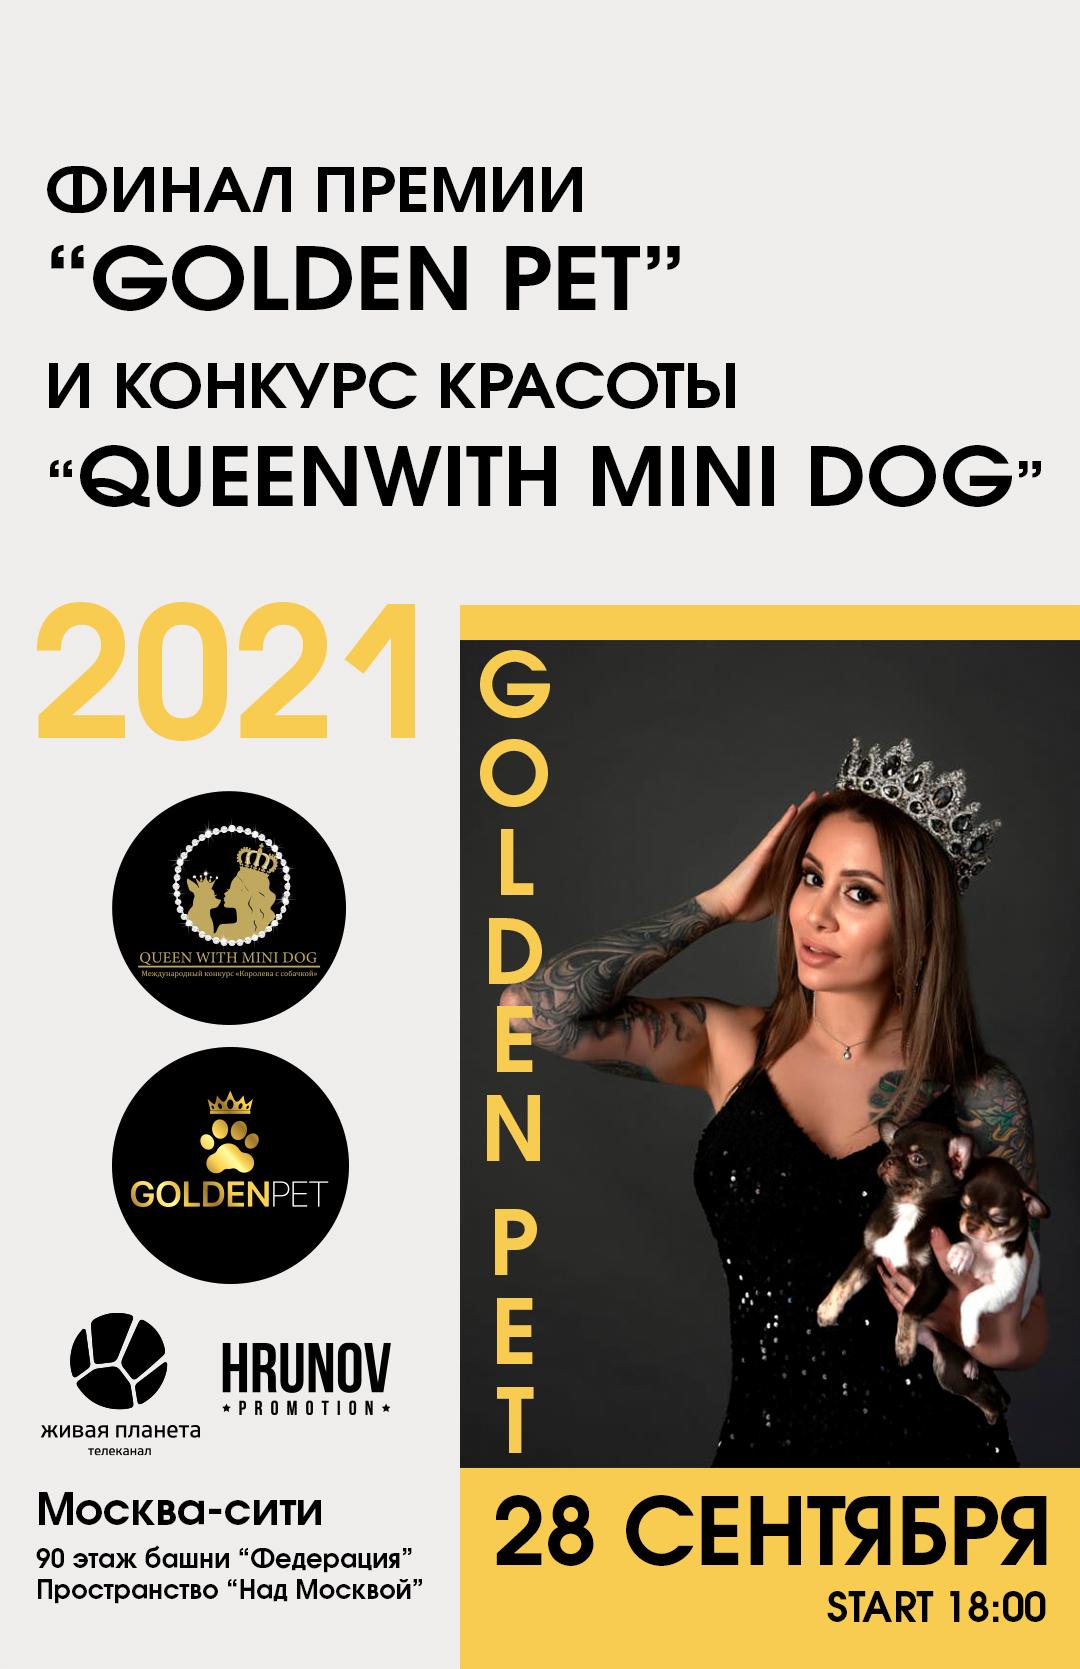 Финал международной премии «Golden Pet-2021» и конкурса красоты  «Queen with mini dog» на высоте 333 метра